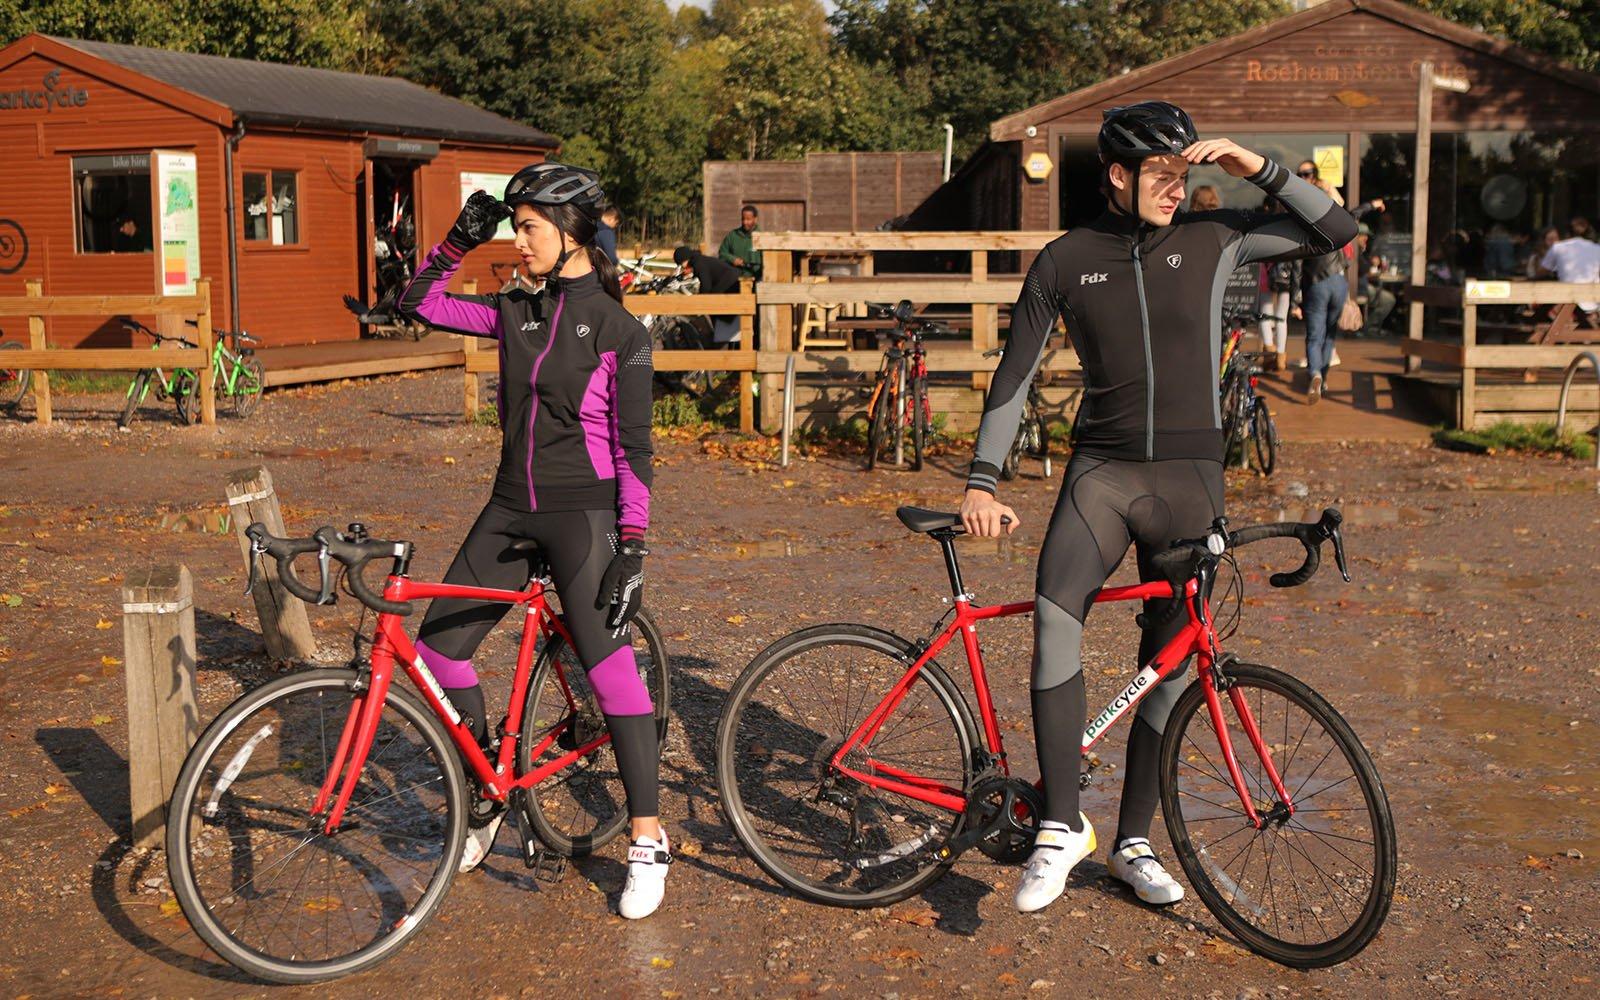 FdX odzież rowerowa